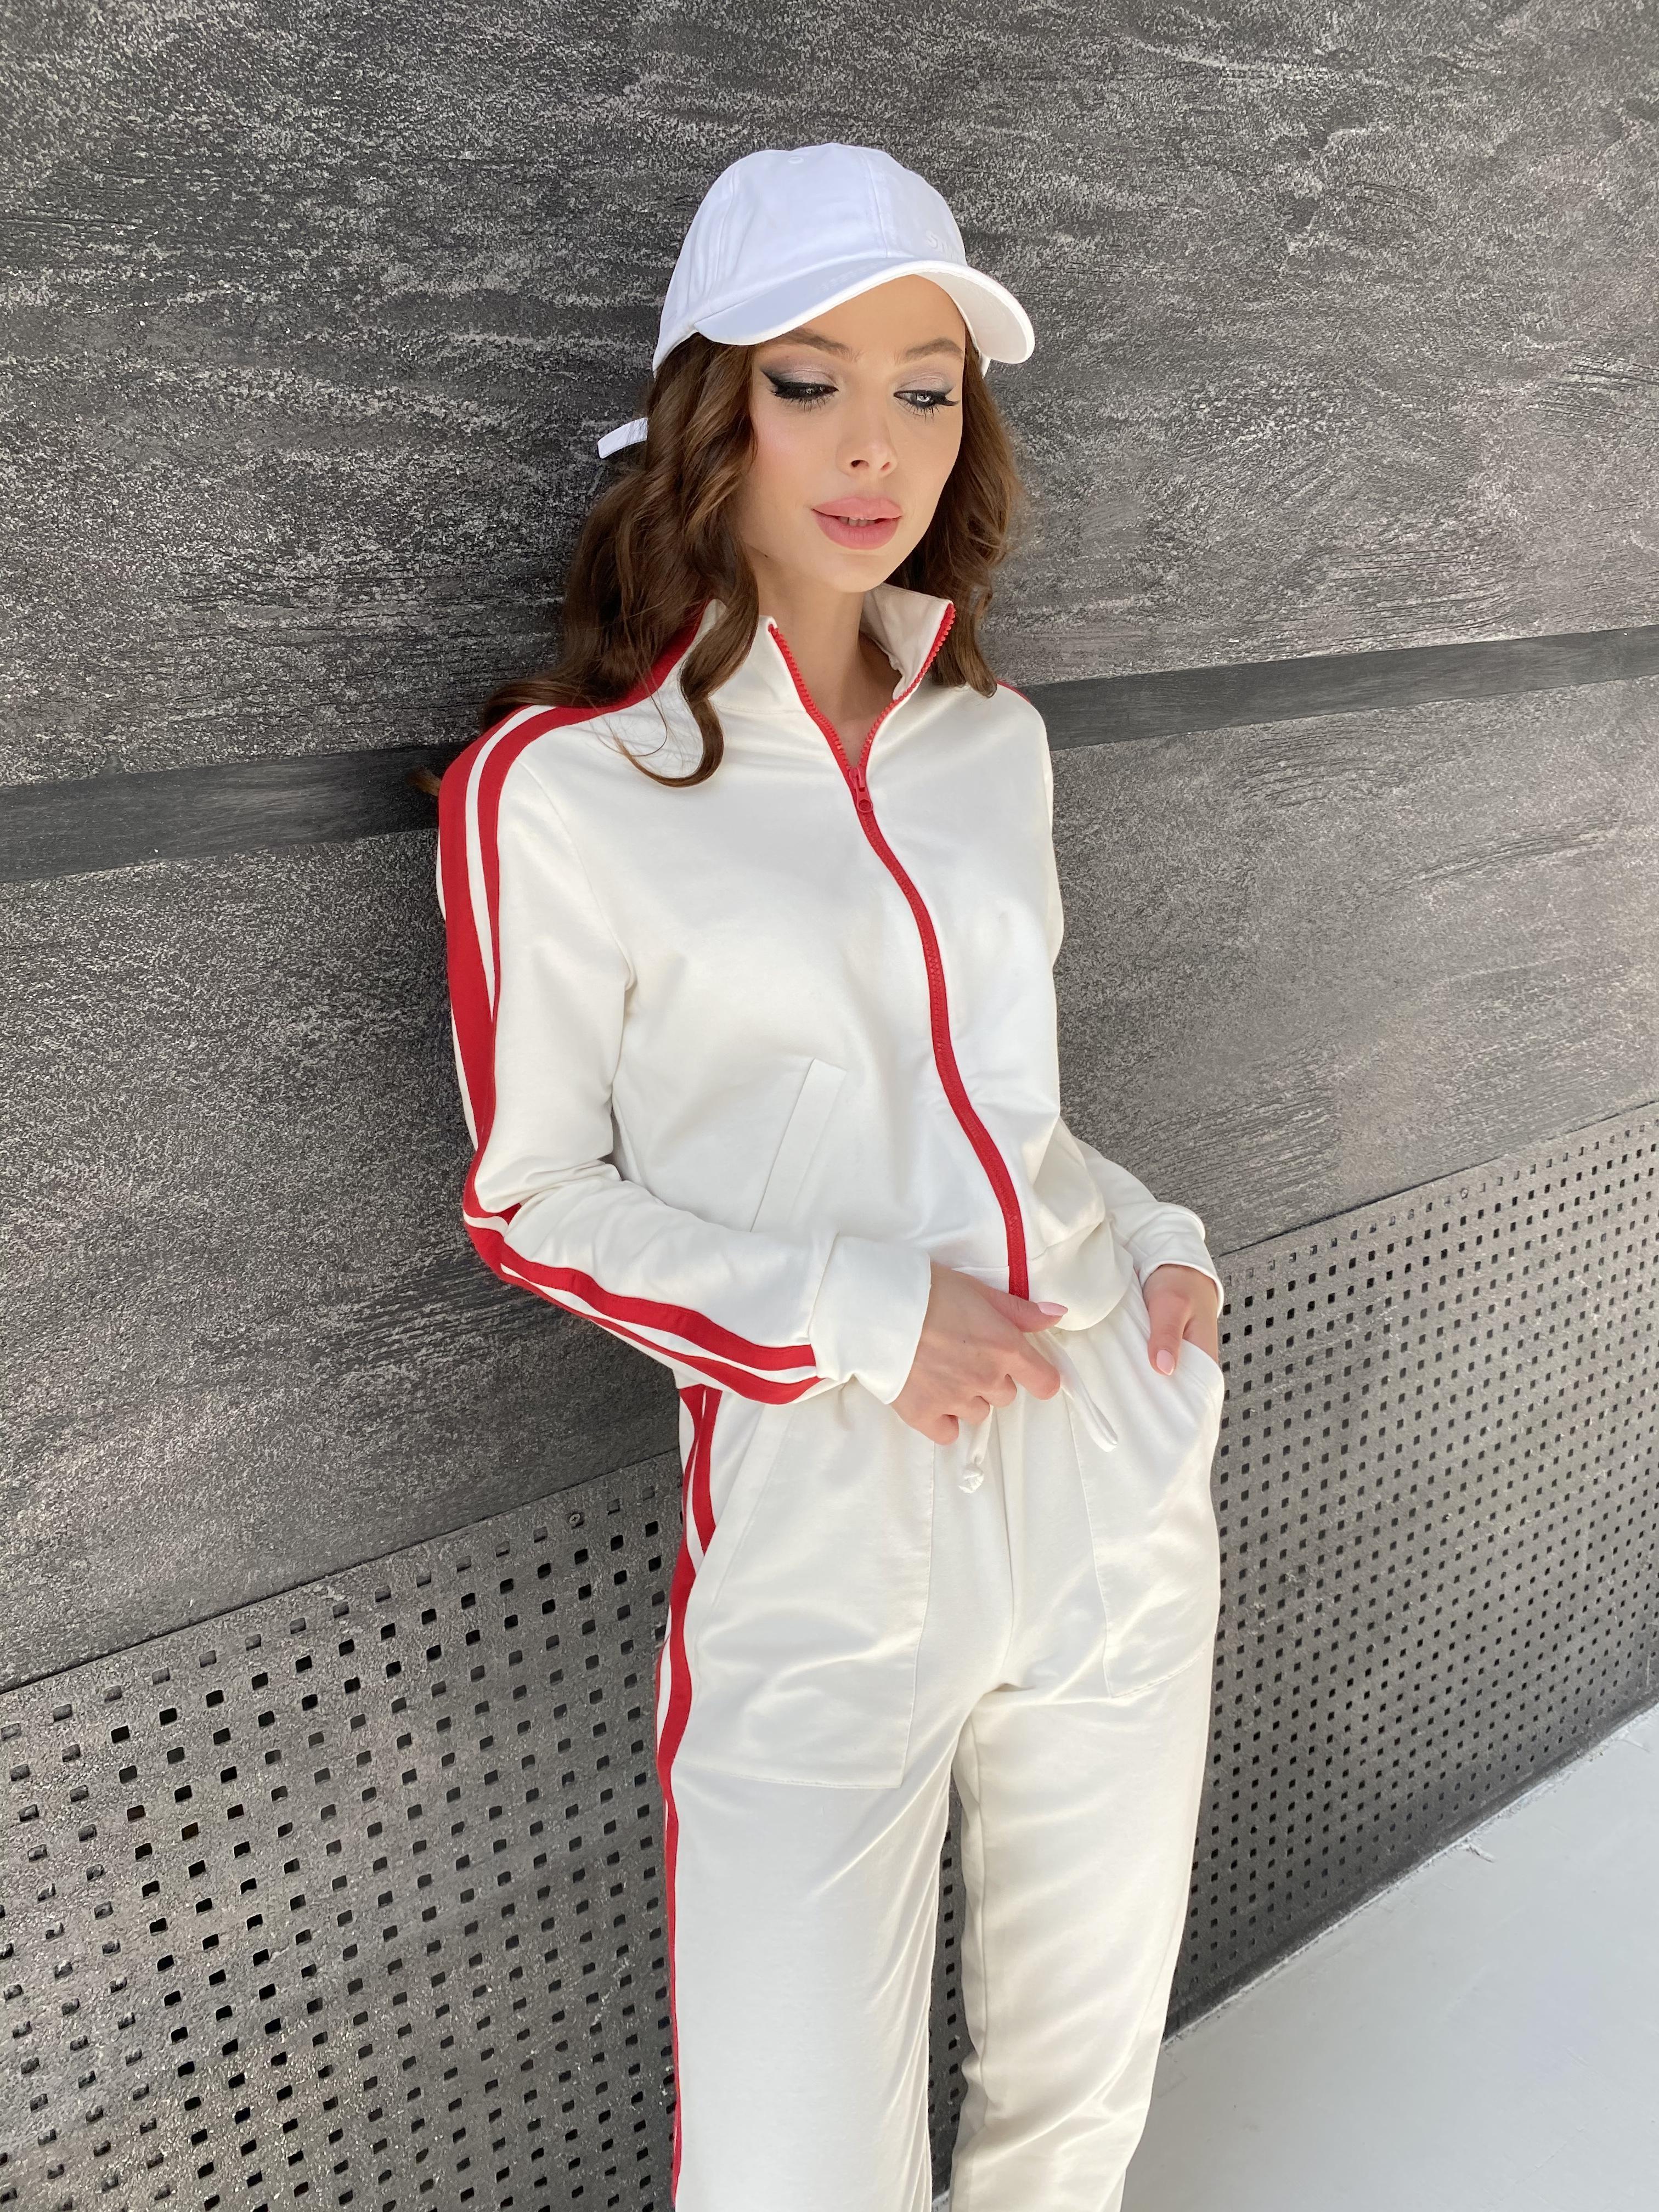 Камон костюм трикотажный из двунитки  9333 АРТ. 45761 Цвет: Молоко/красный - фото 6, интернет магазин tm-modus.ru